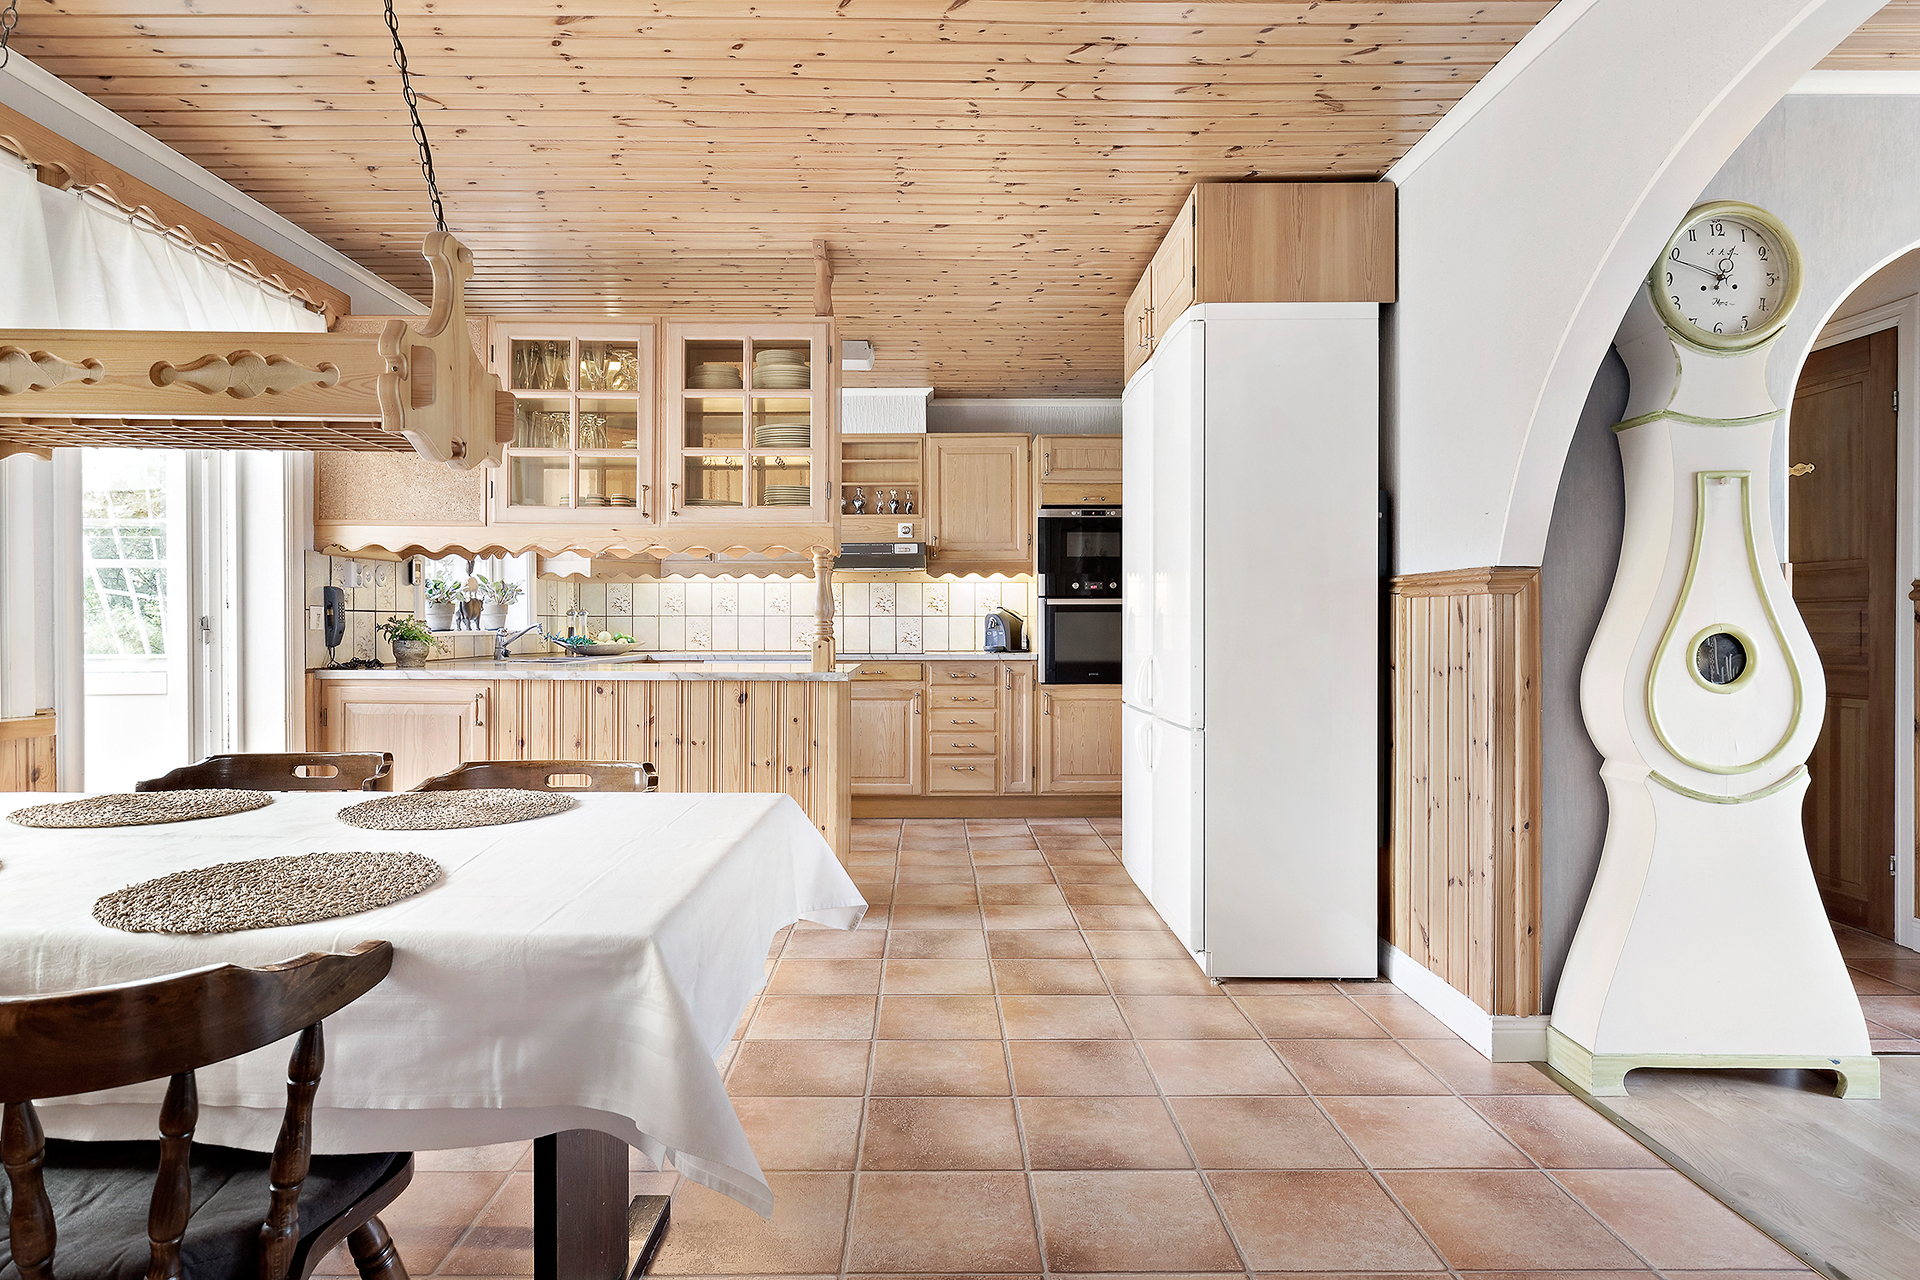 Matplats i kök